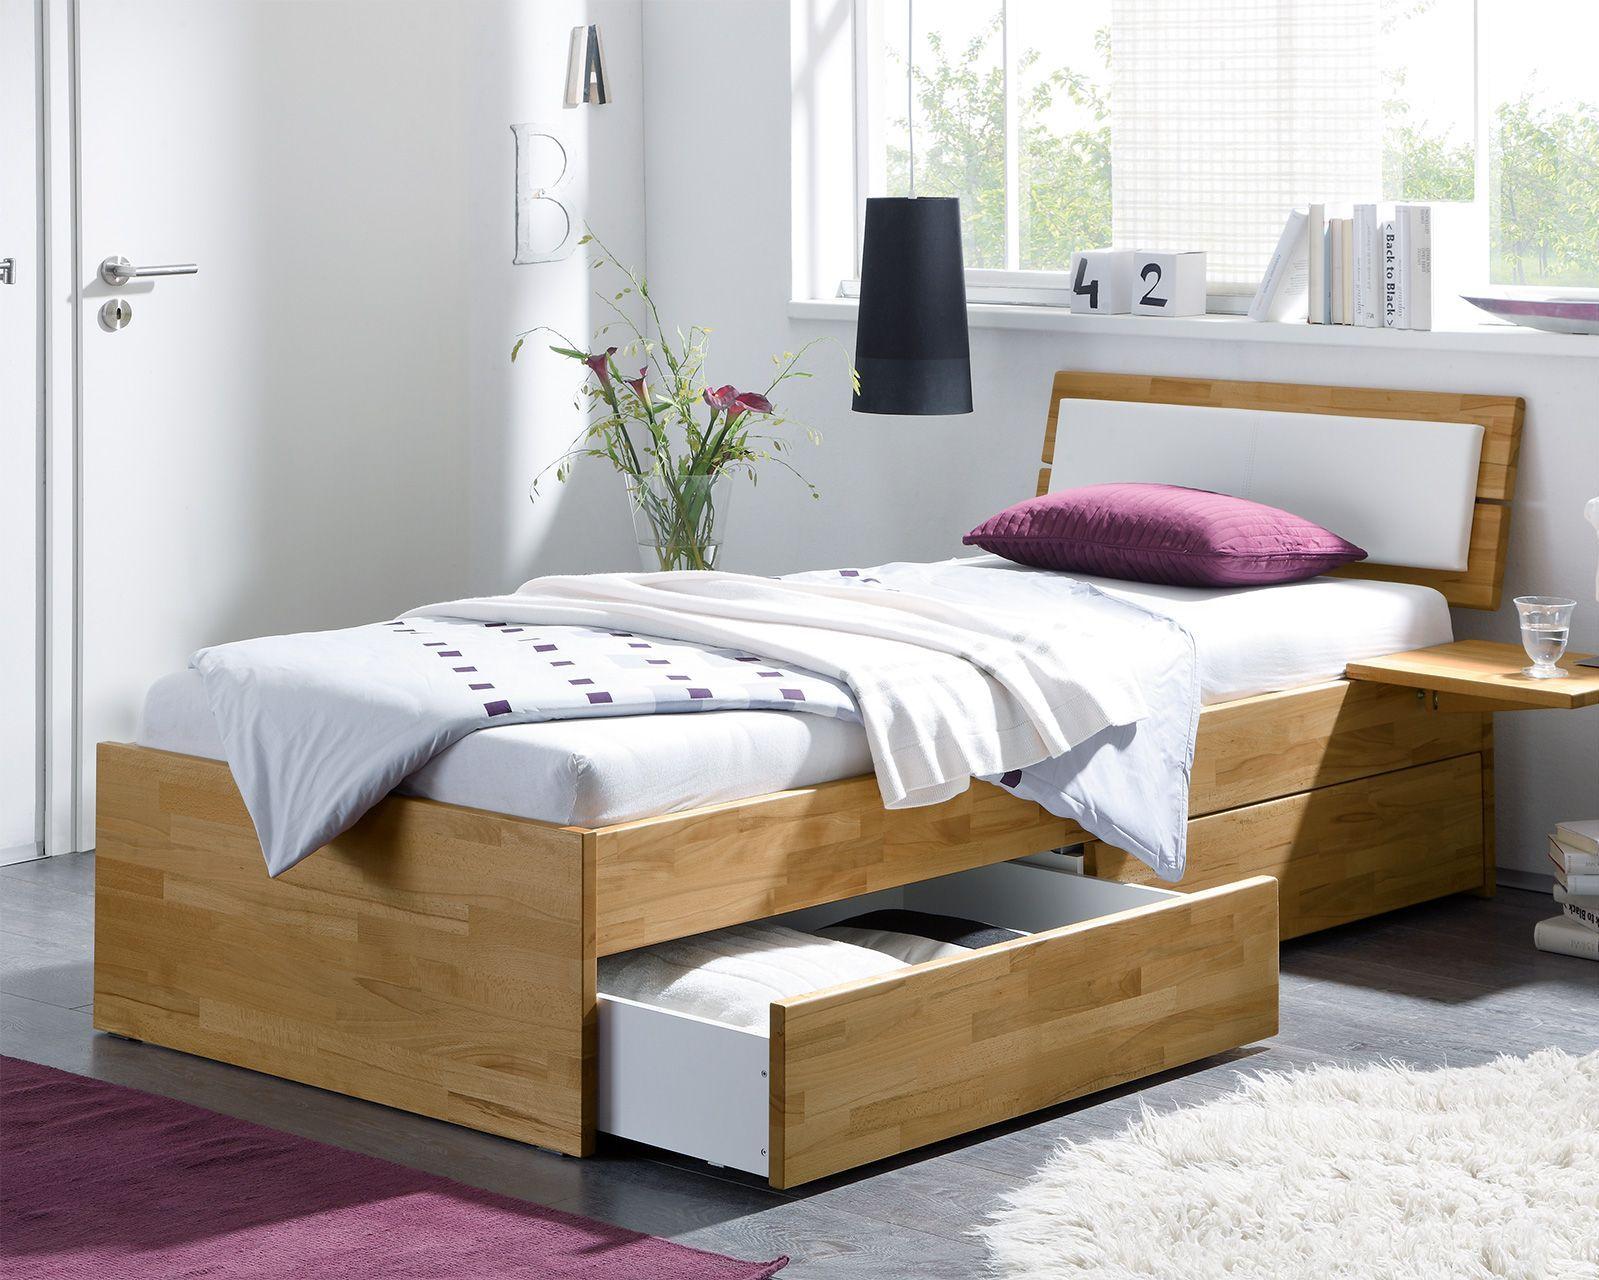 Einzelbett Aus Holz Mit Schubladen Kaufen Leova Betten At